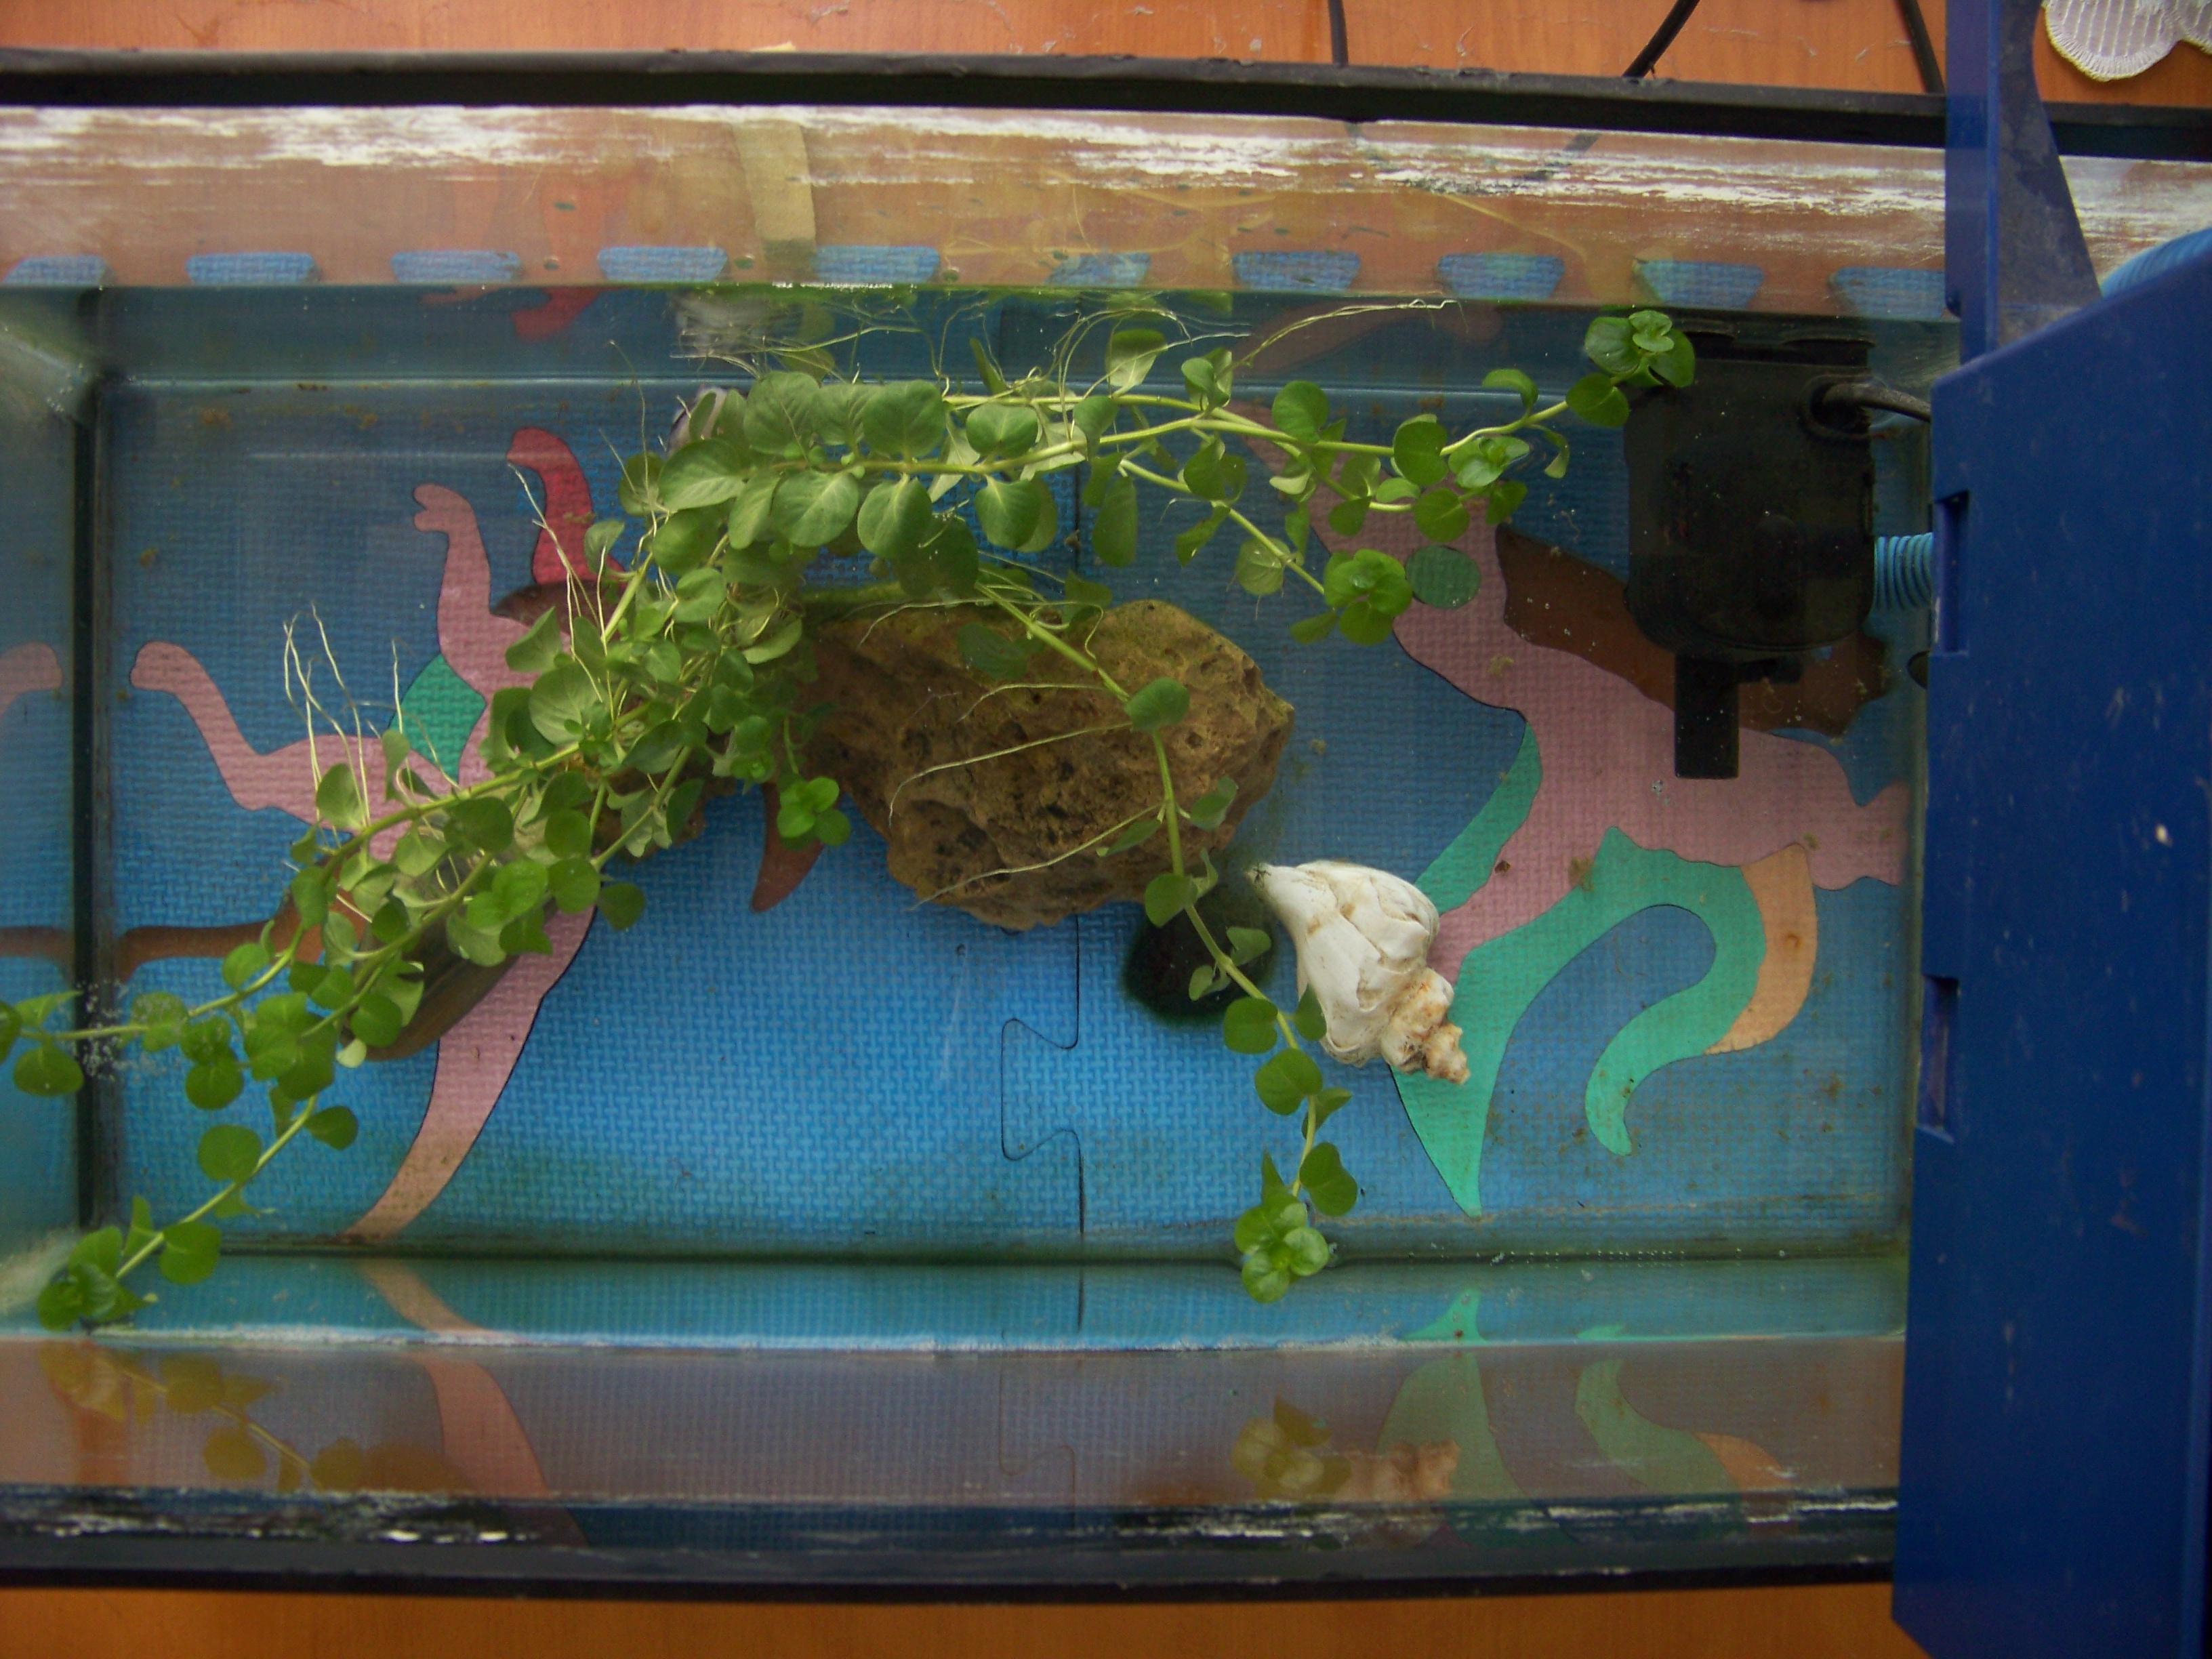 废物利用手工制作鱼缸